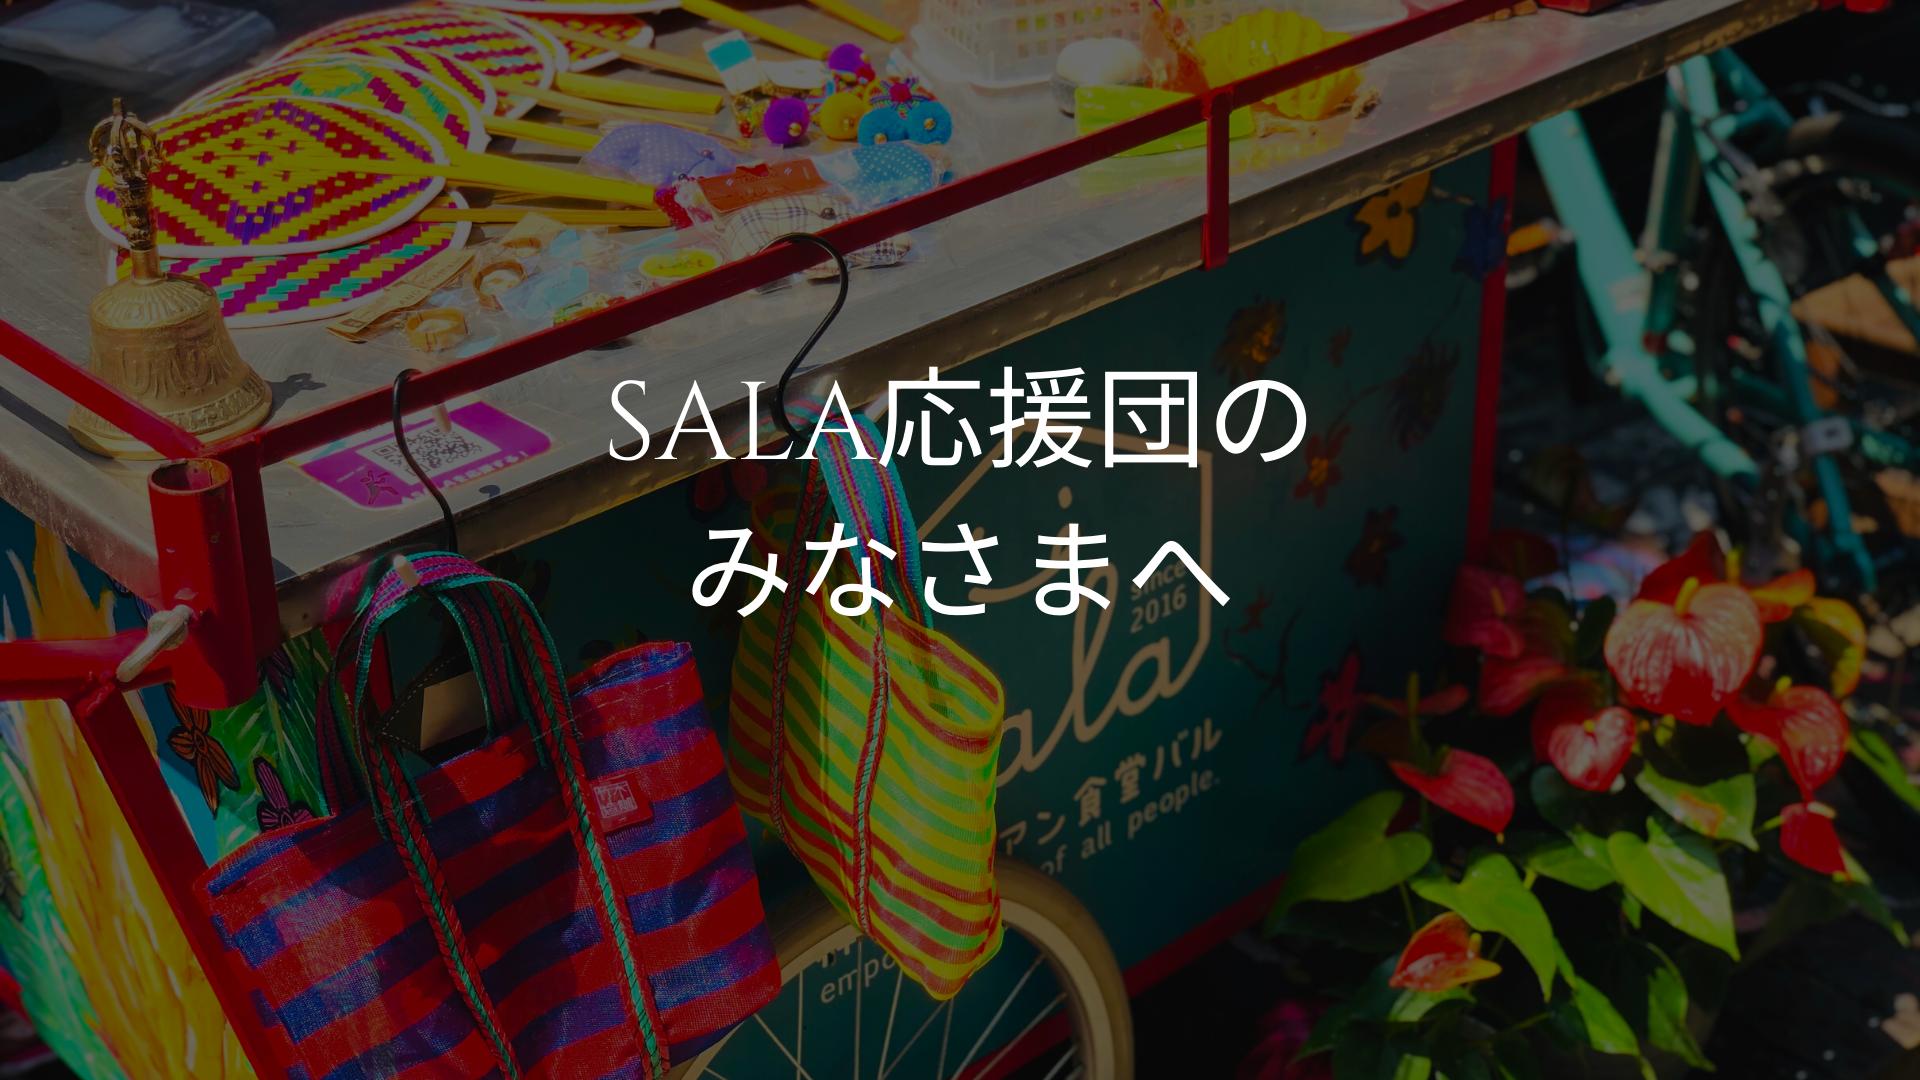 SALA応援団のみなさんへ